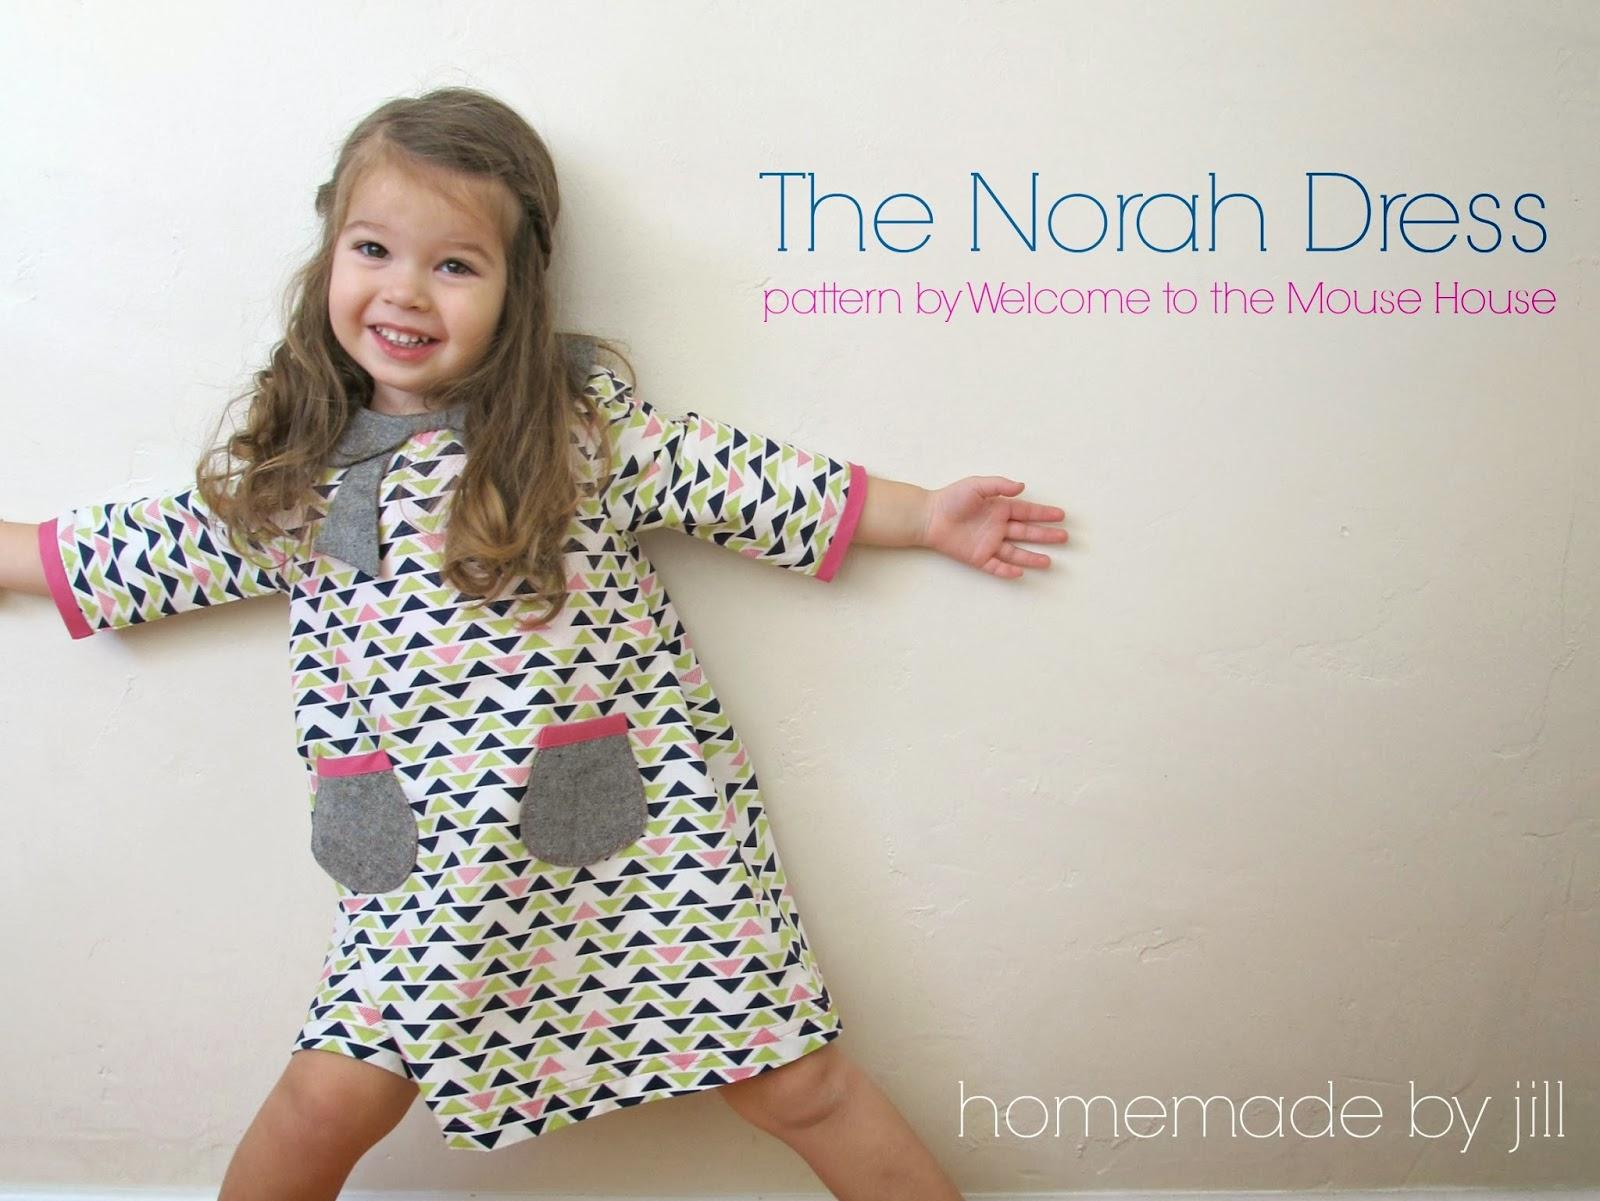 http://4.bp.blogspot.com/-g0otK9t61uA/UqtNGkr5zxI/AAAAAAAAKq4/DxiDA65FCe4/s1600/norah+dress+blog.jpg